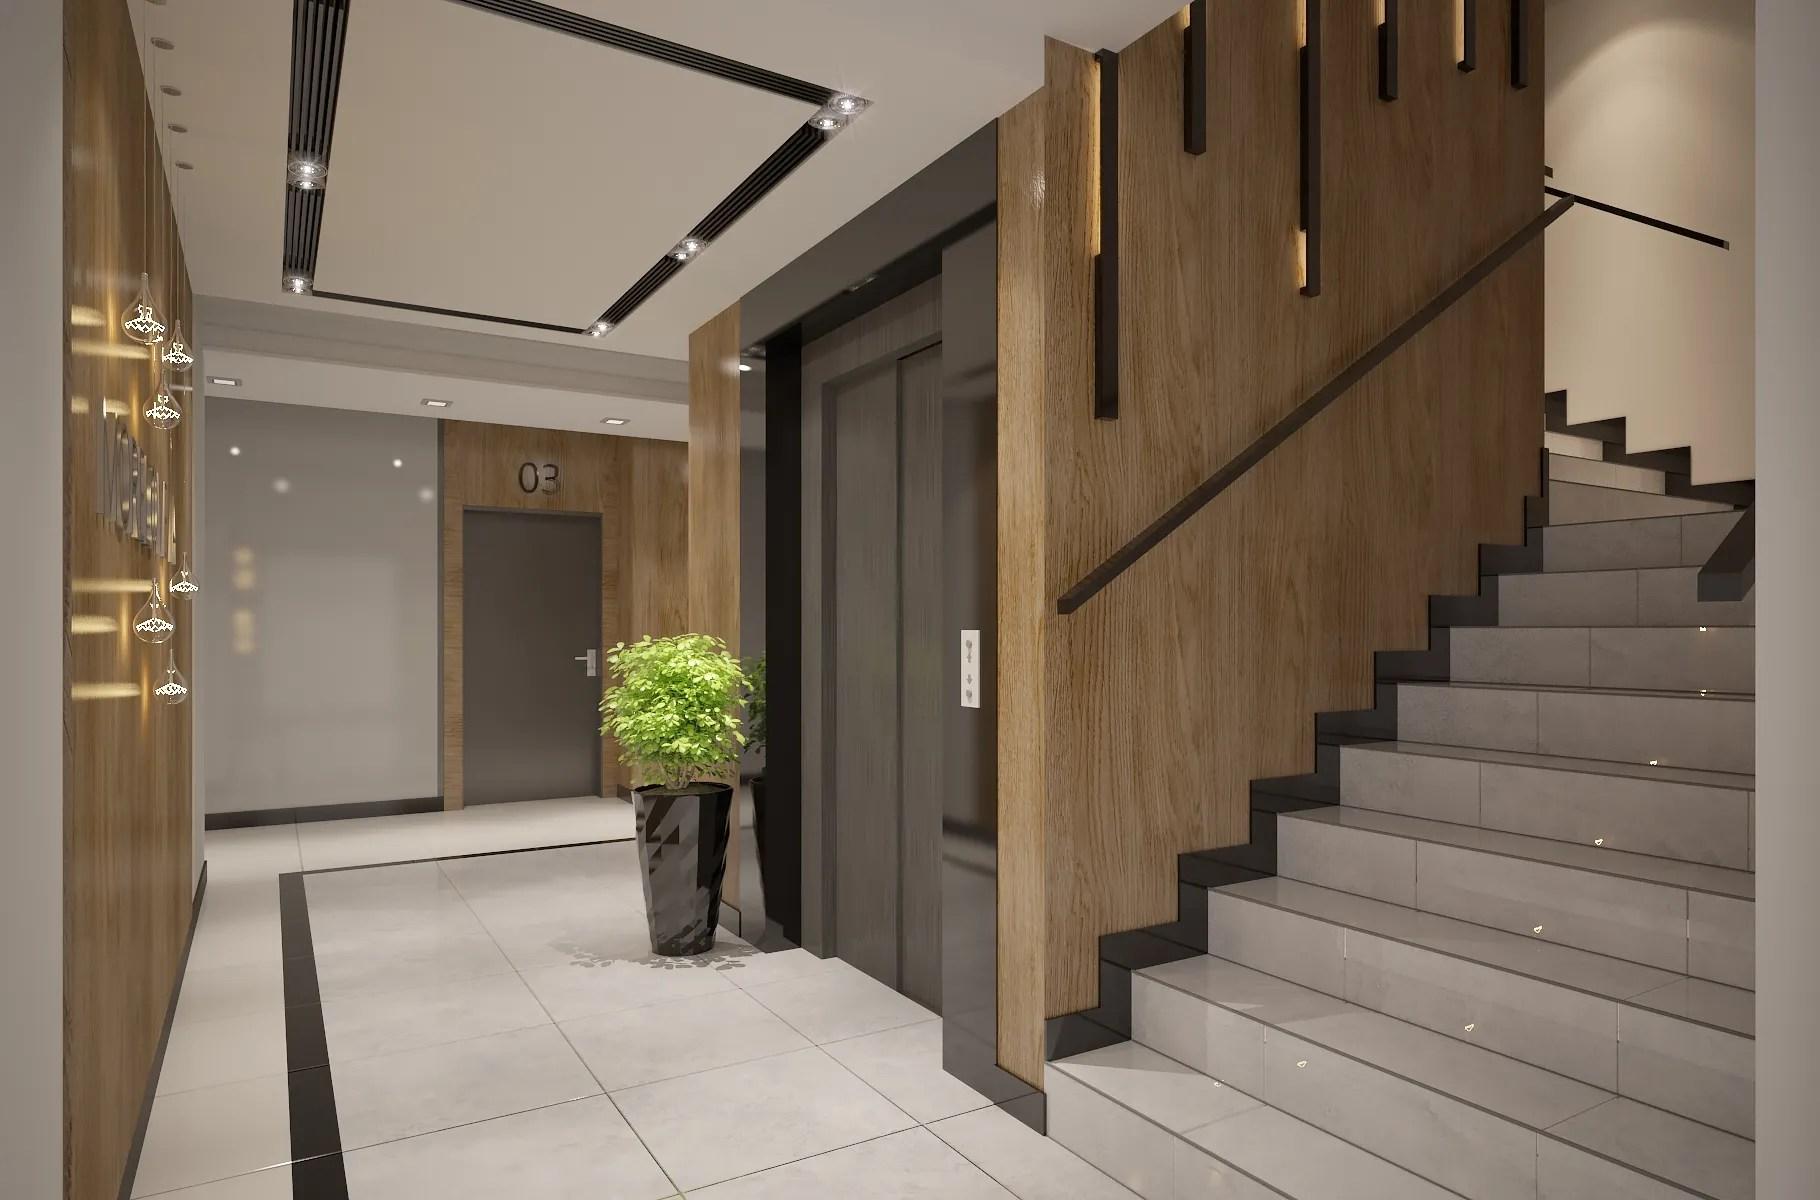 Interior design of Apartments building Entrance Ha 3D